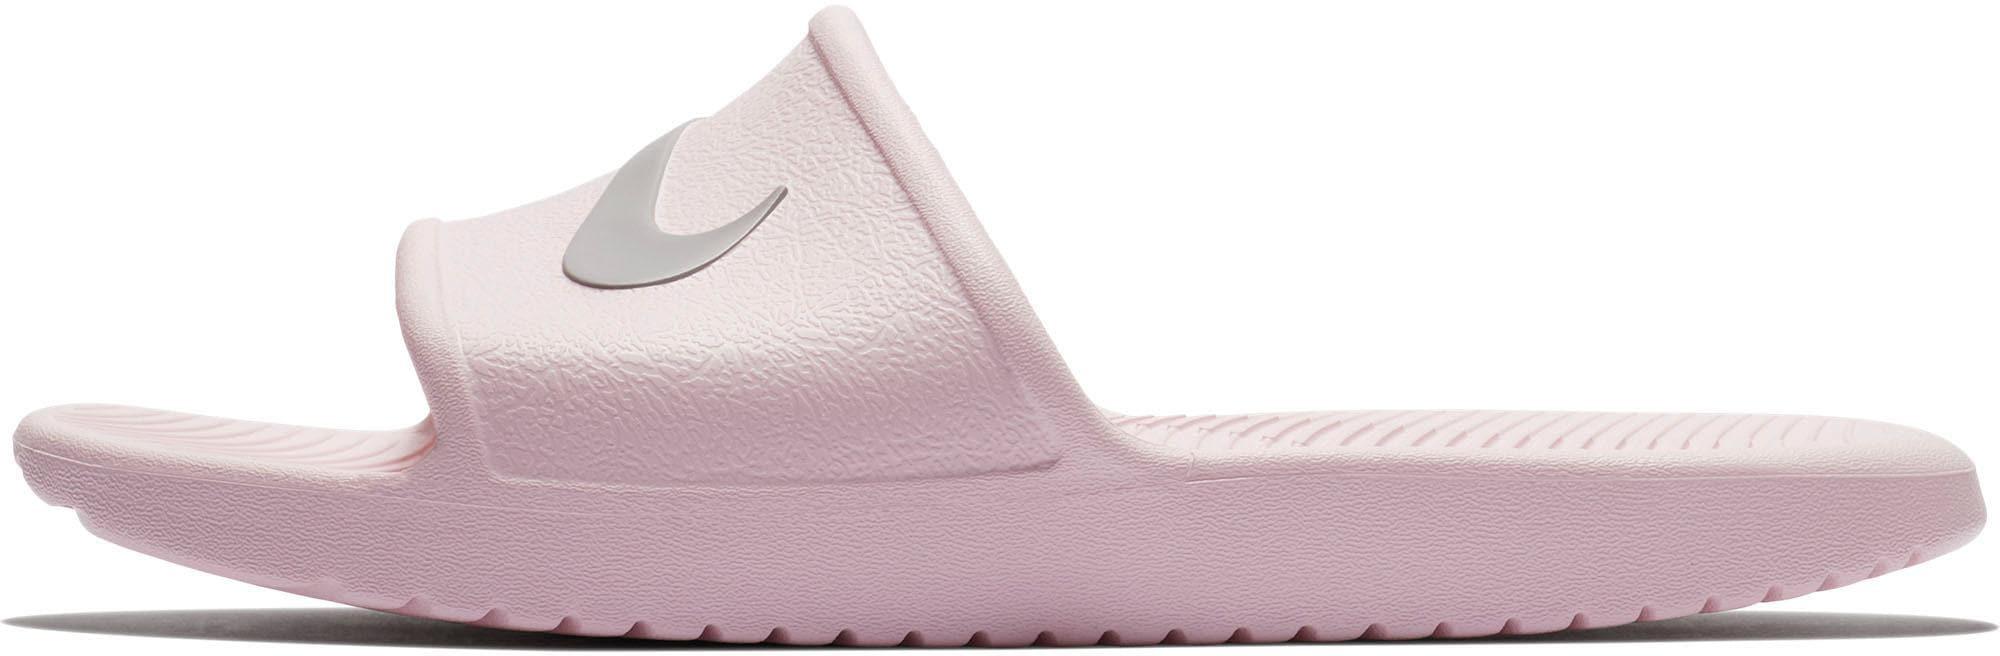 Nike Sportswear Badesandale »Wmns Kawa Shower Sandal« online bestellen | BAUR